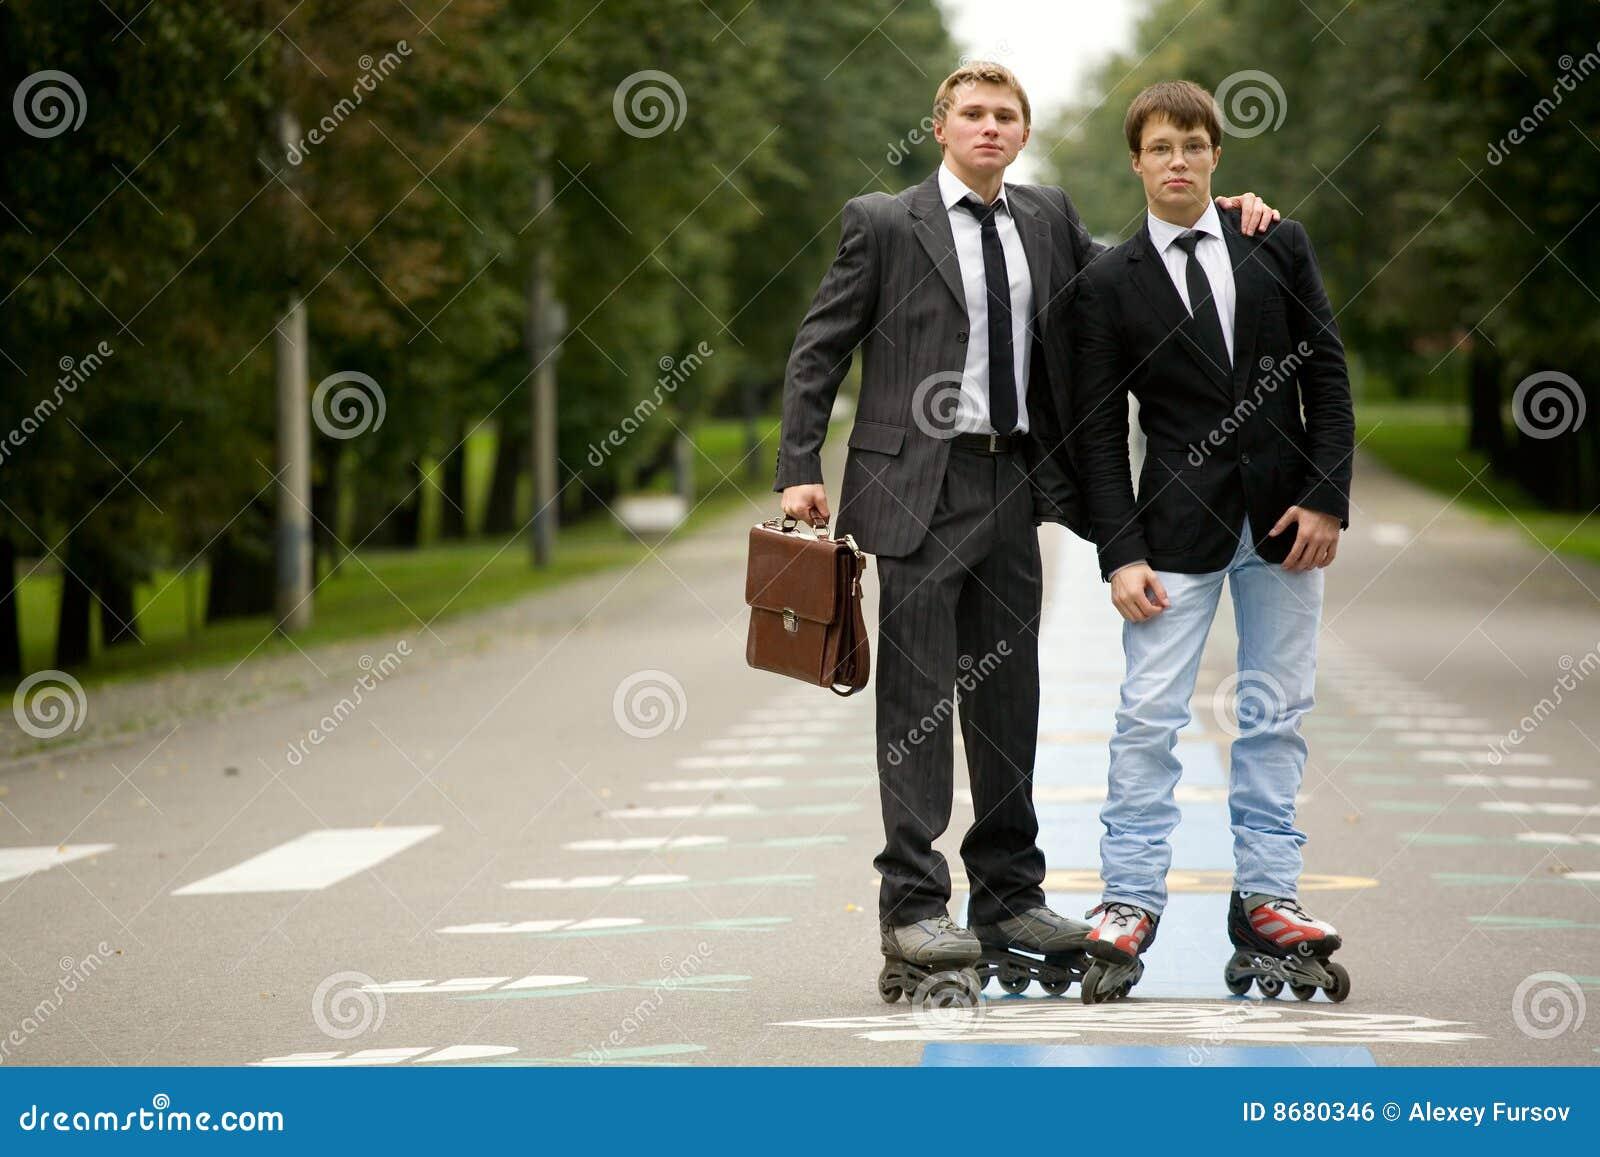 Deux hommes sur la route avec des Rollerblades